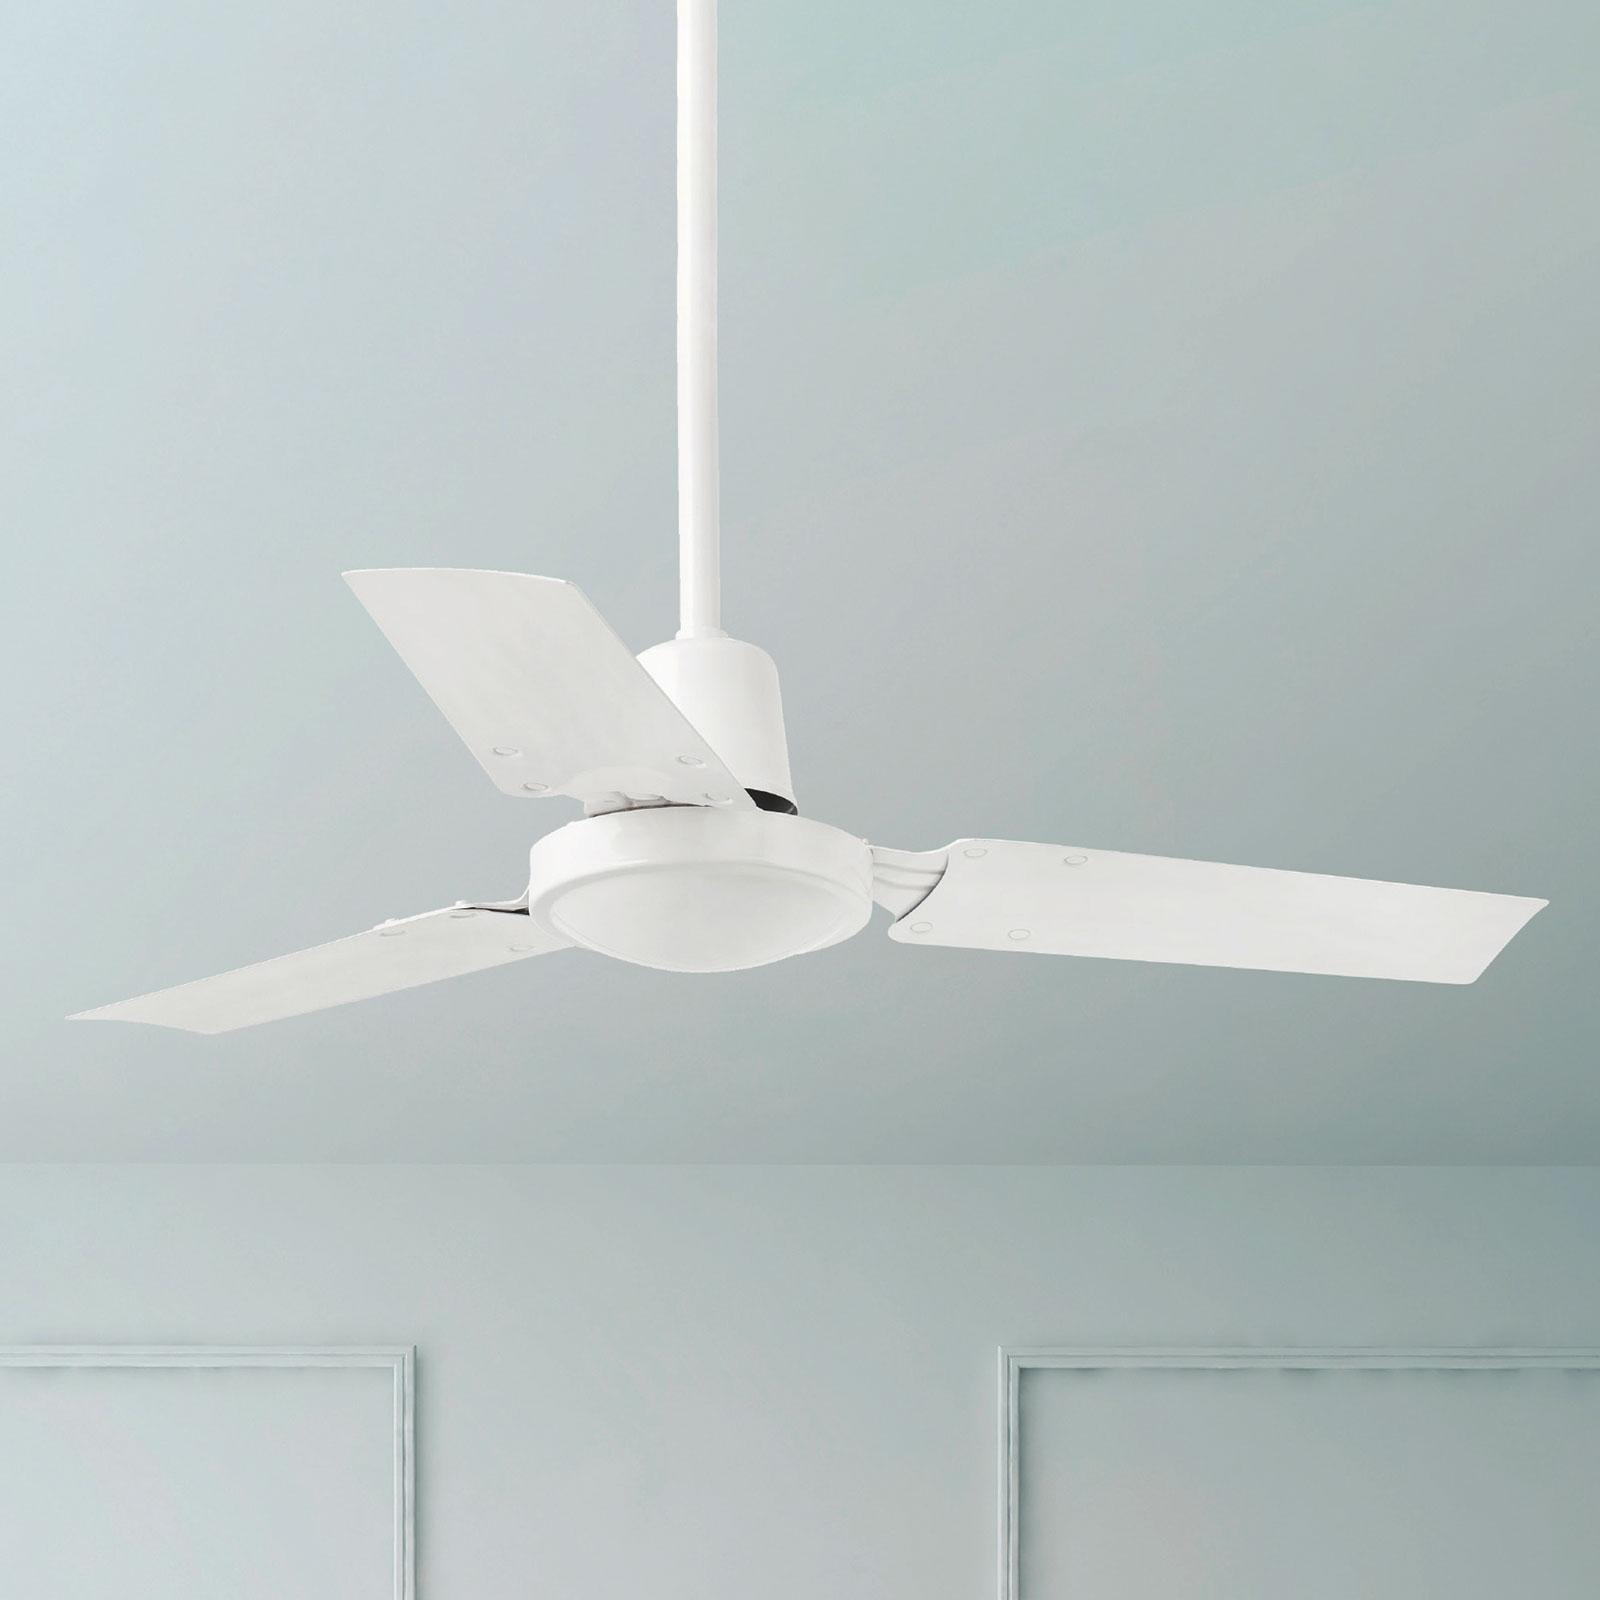 MINI INDUS Small Modern Ceiling Fan_3506075_1